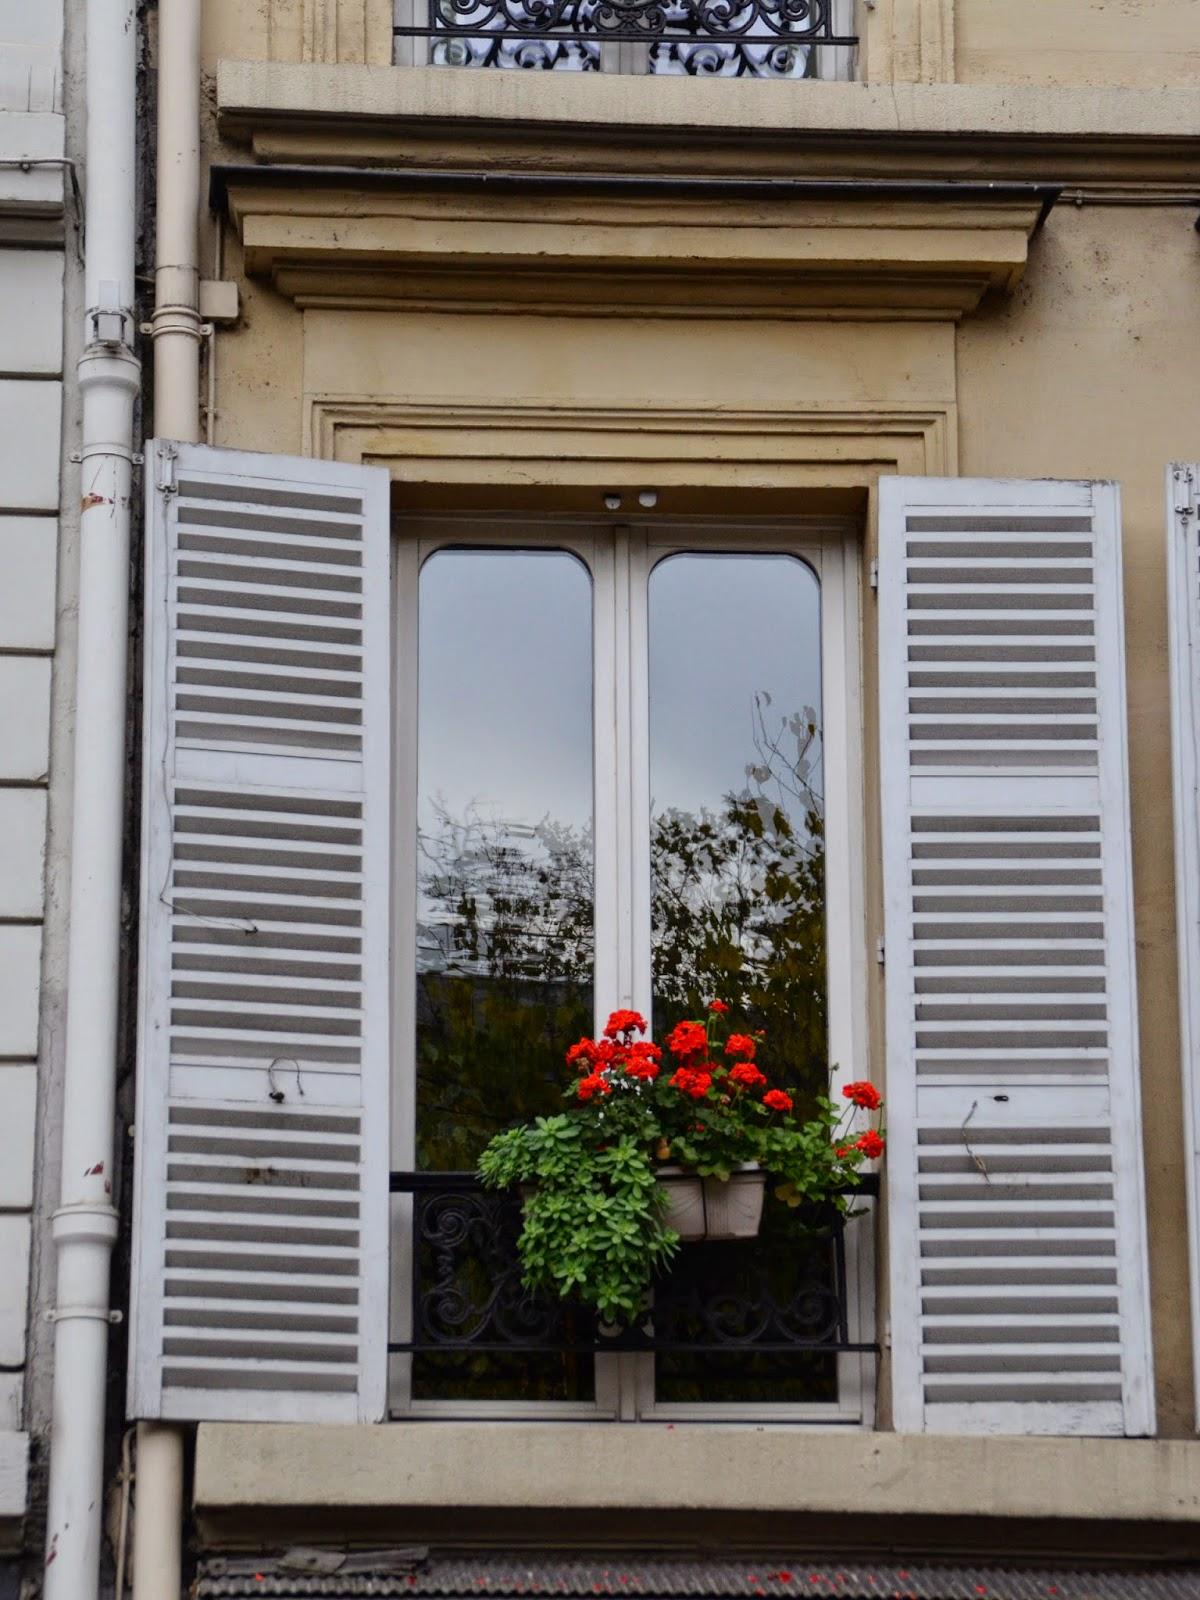 Paris and beyond les fleurs dans la fen tre for Buer dans les fenetre